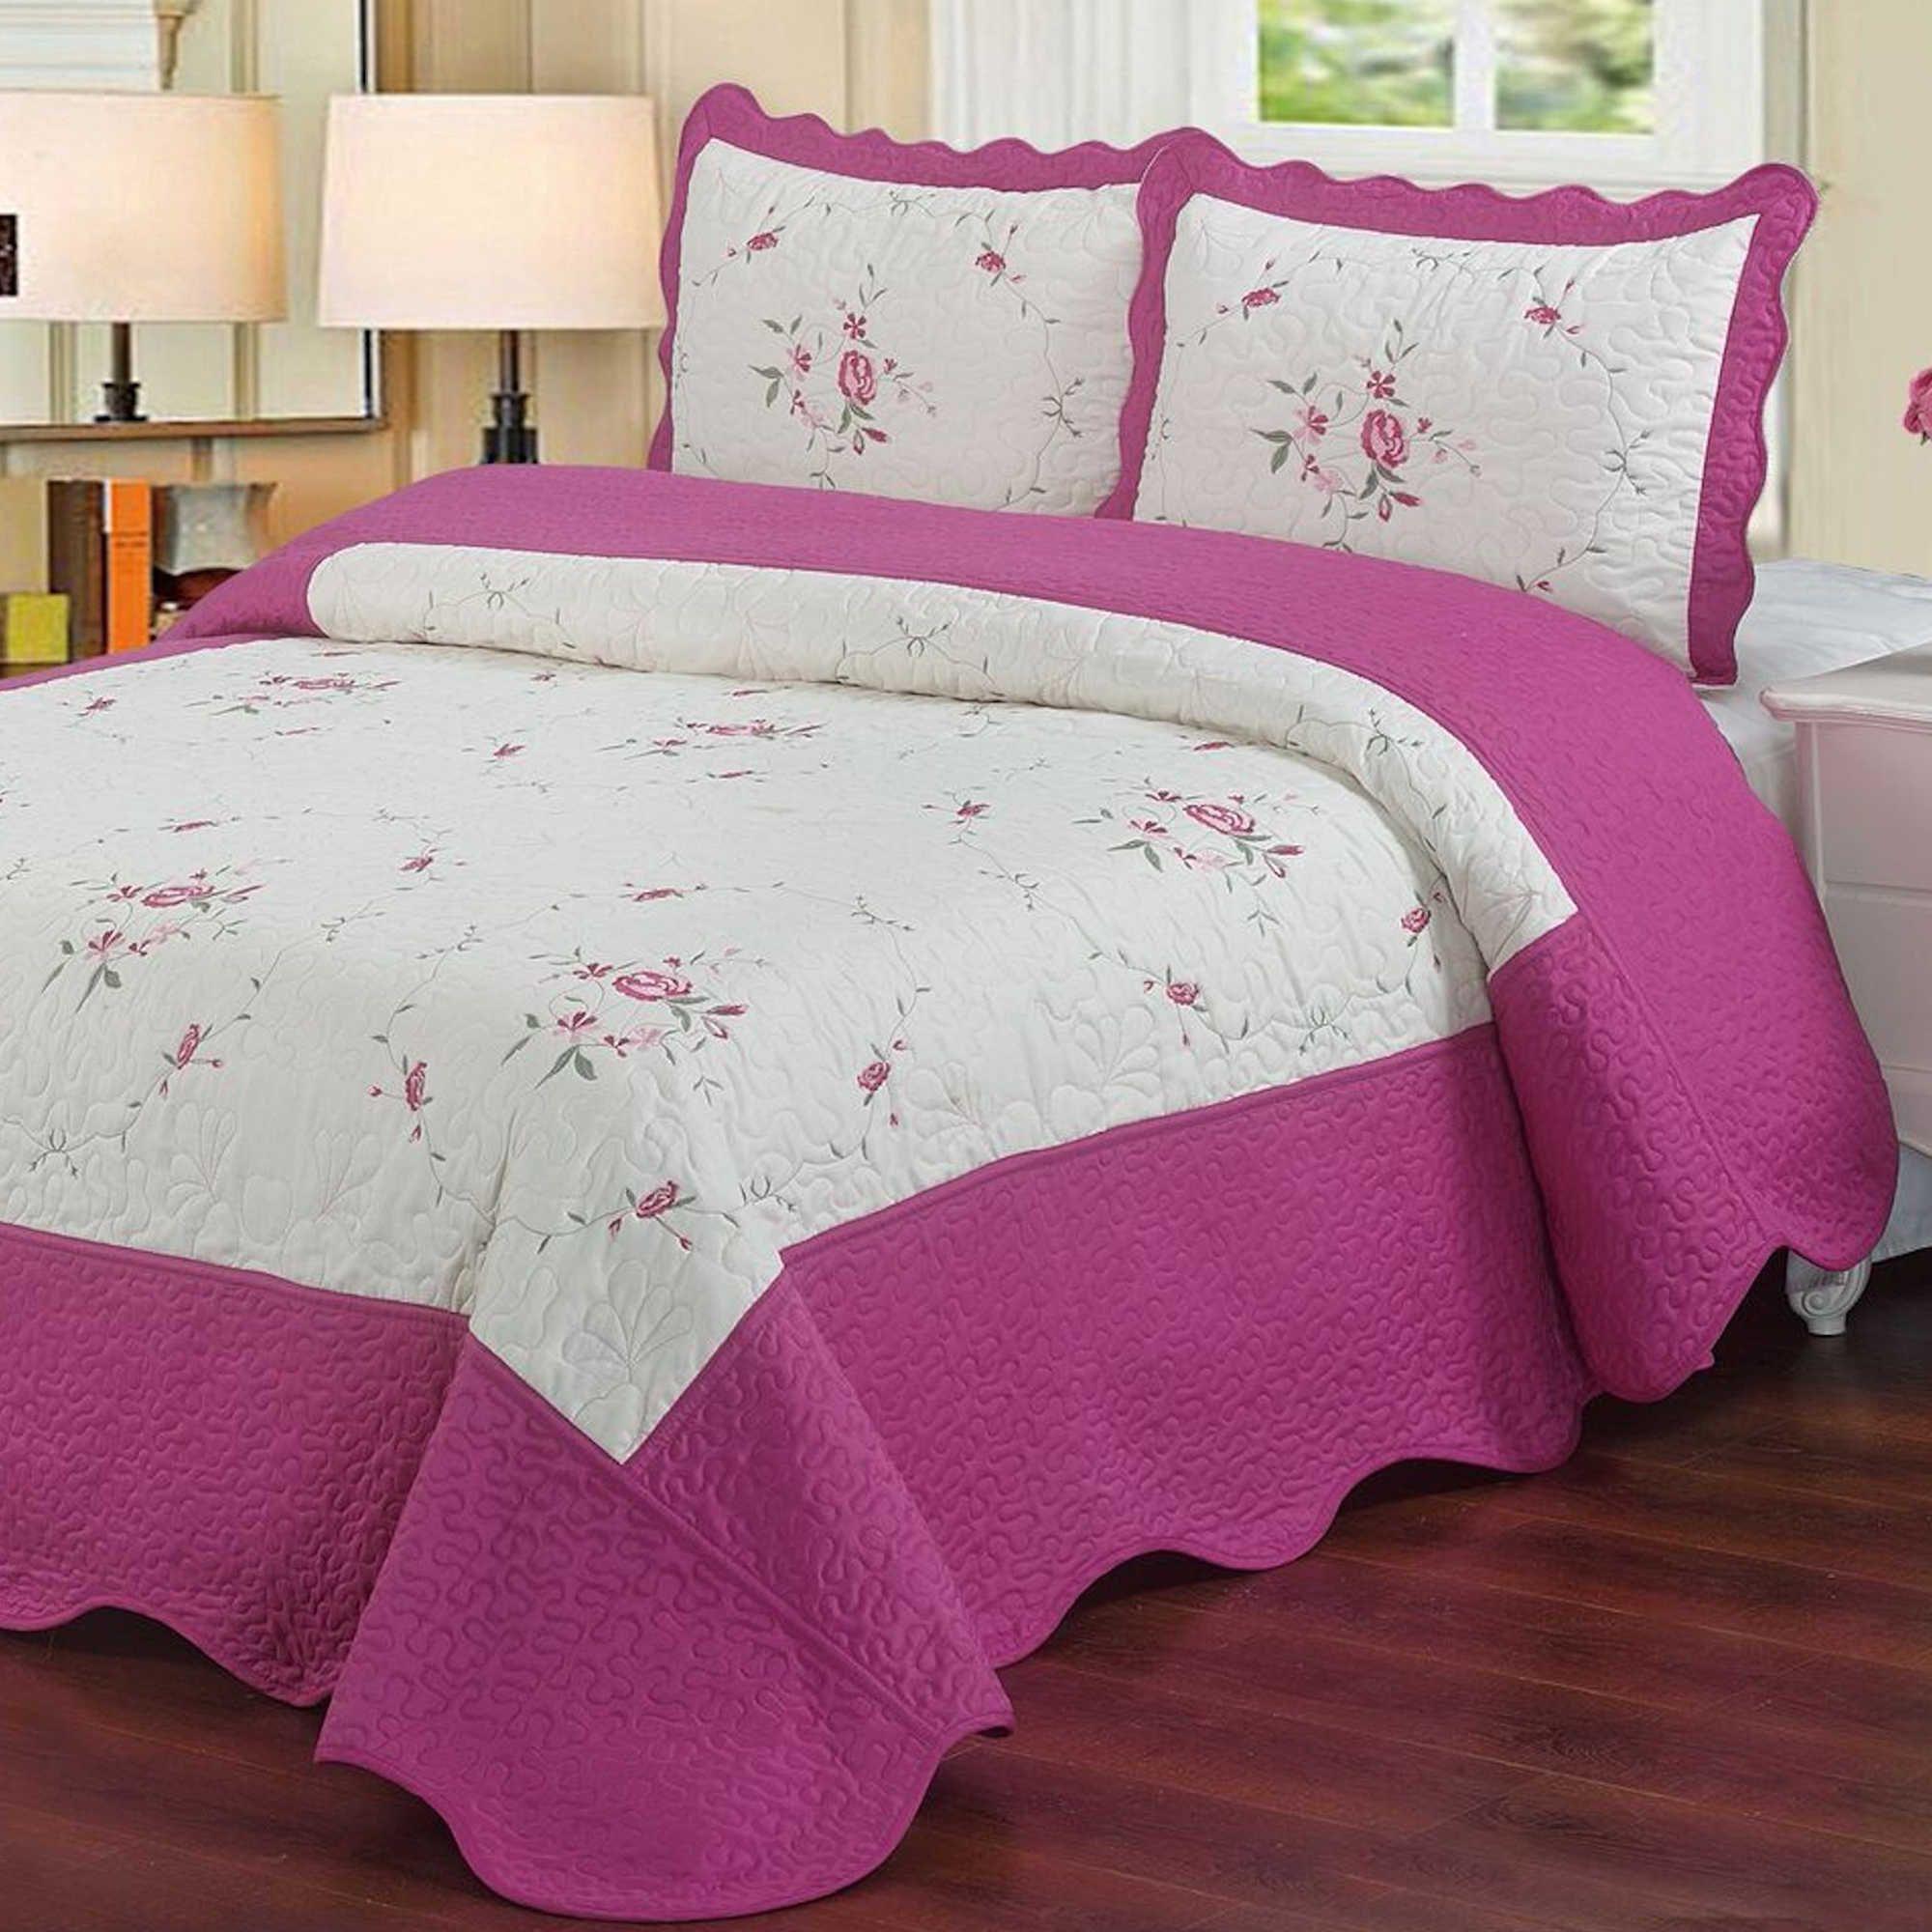 Laura's Lace Chelsea Coverlet Set Quilt sets, Luxury